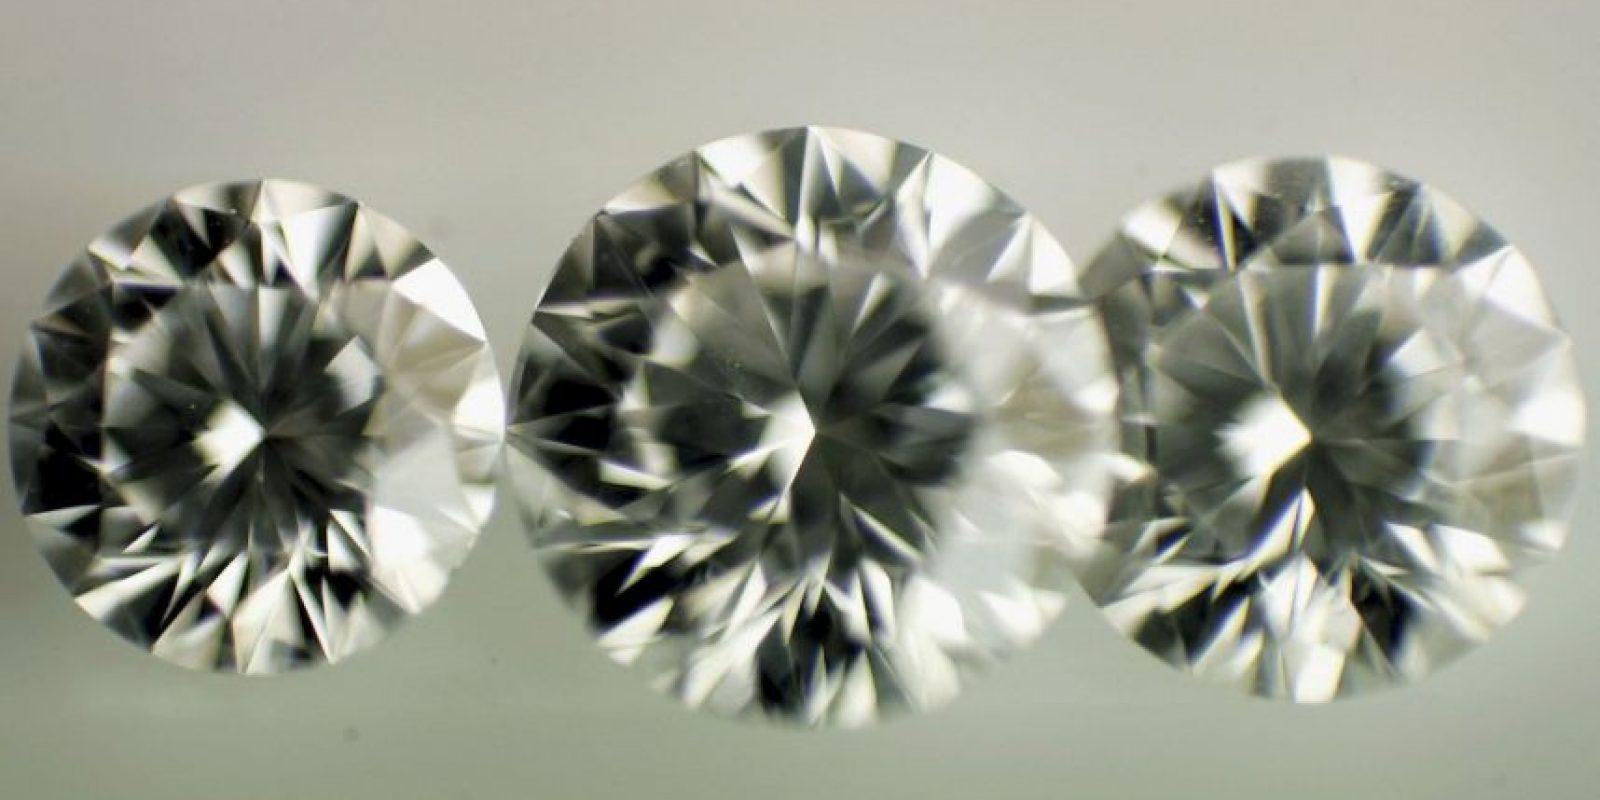 Esta semana trascendió la noticia de un hombre que encontró un diamante de 2.01 quilates en el parque. Foto:Getty